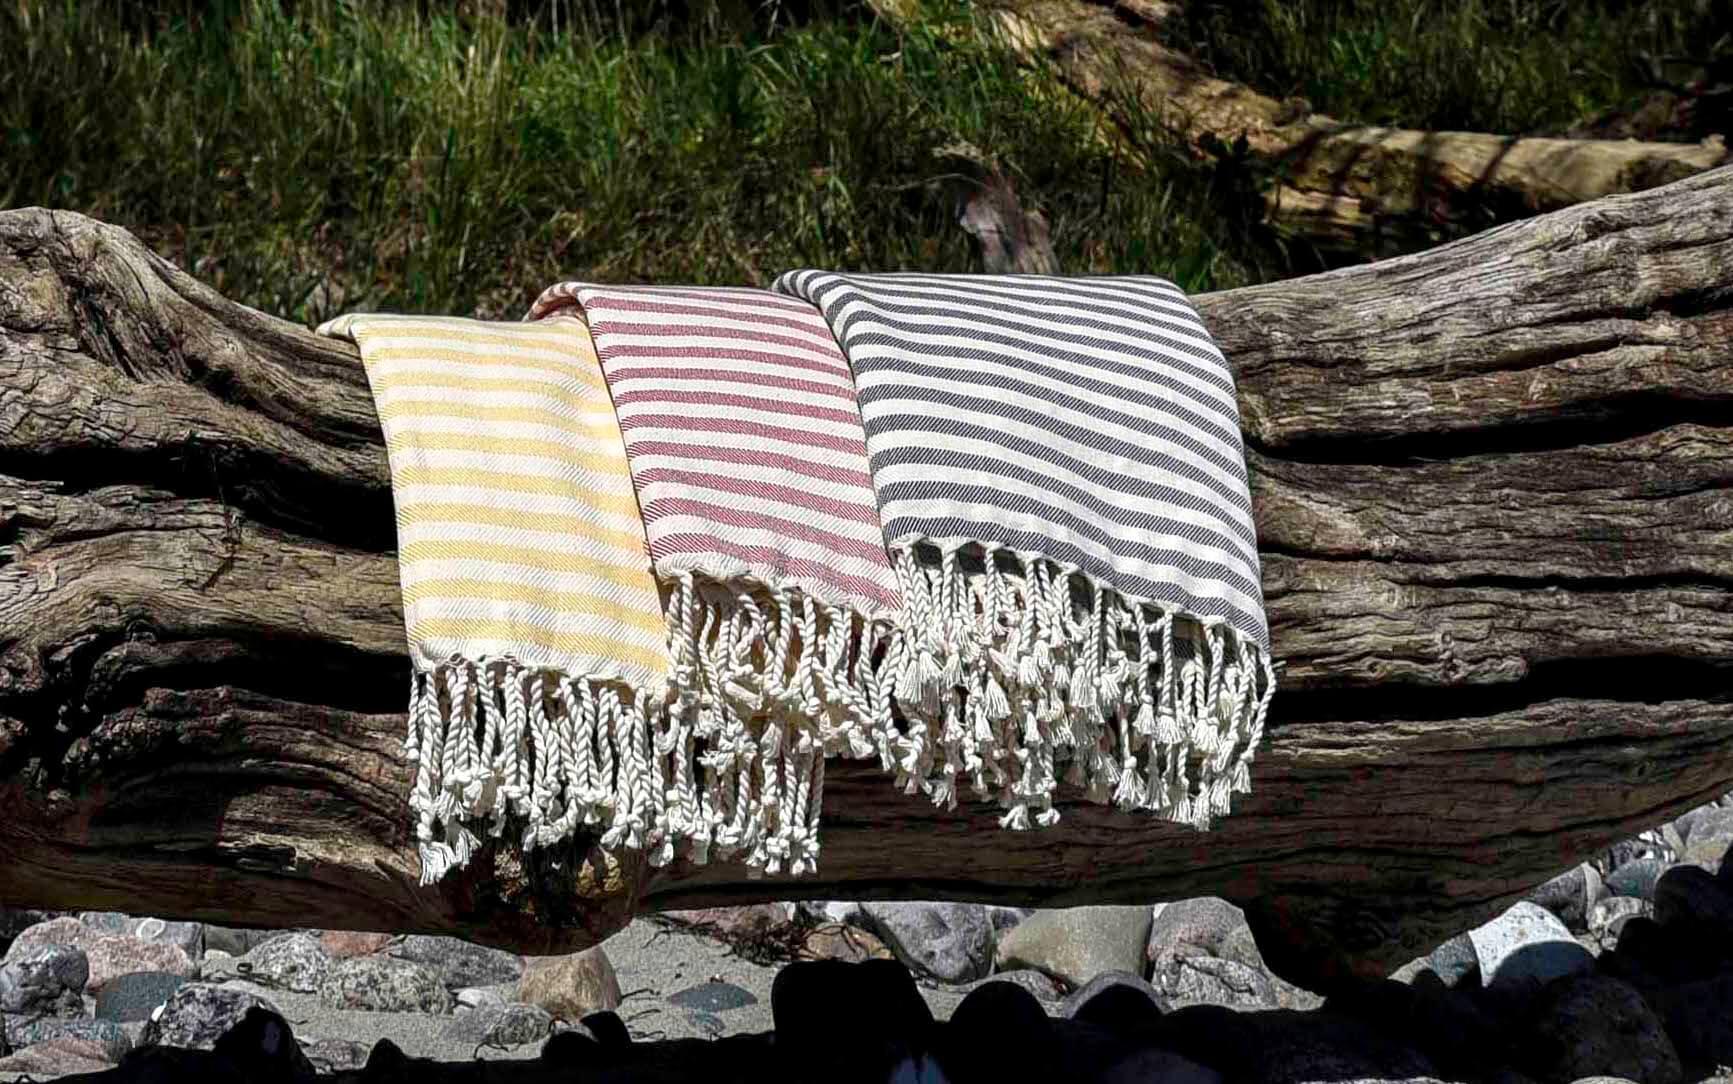 Hammam håndklæder / stribede standhåndklæder fra Bohobeach